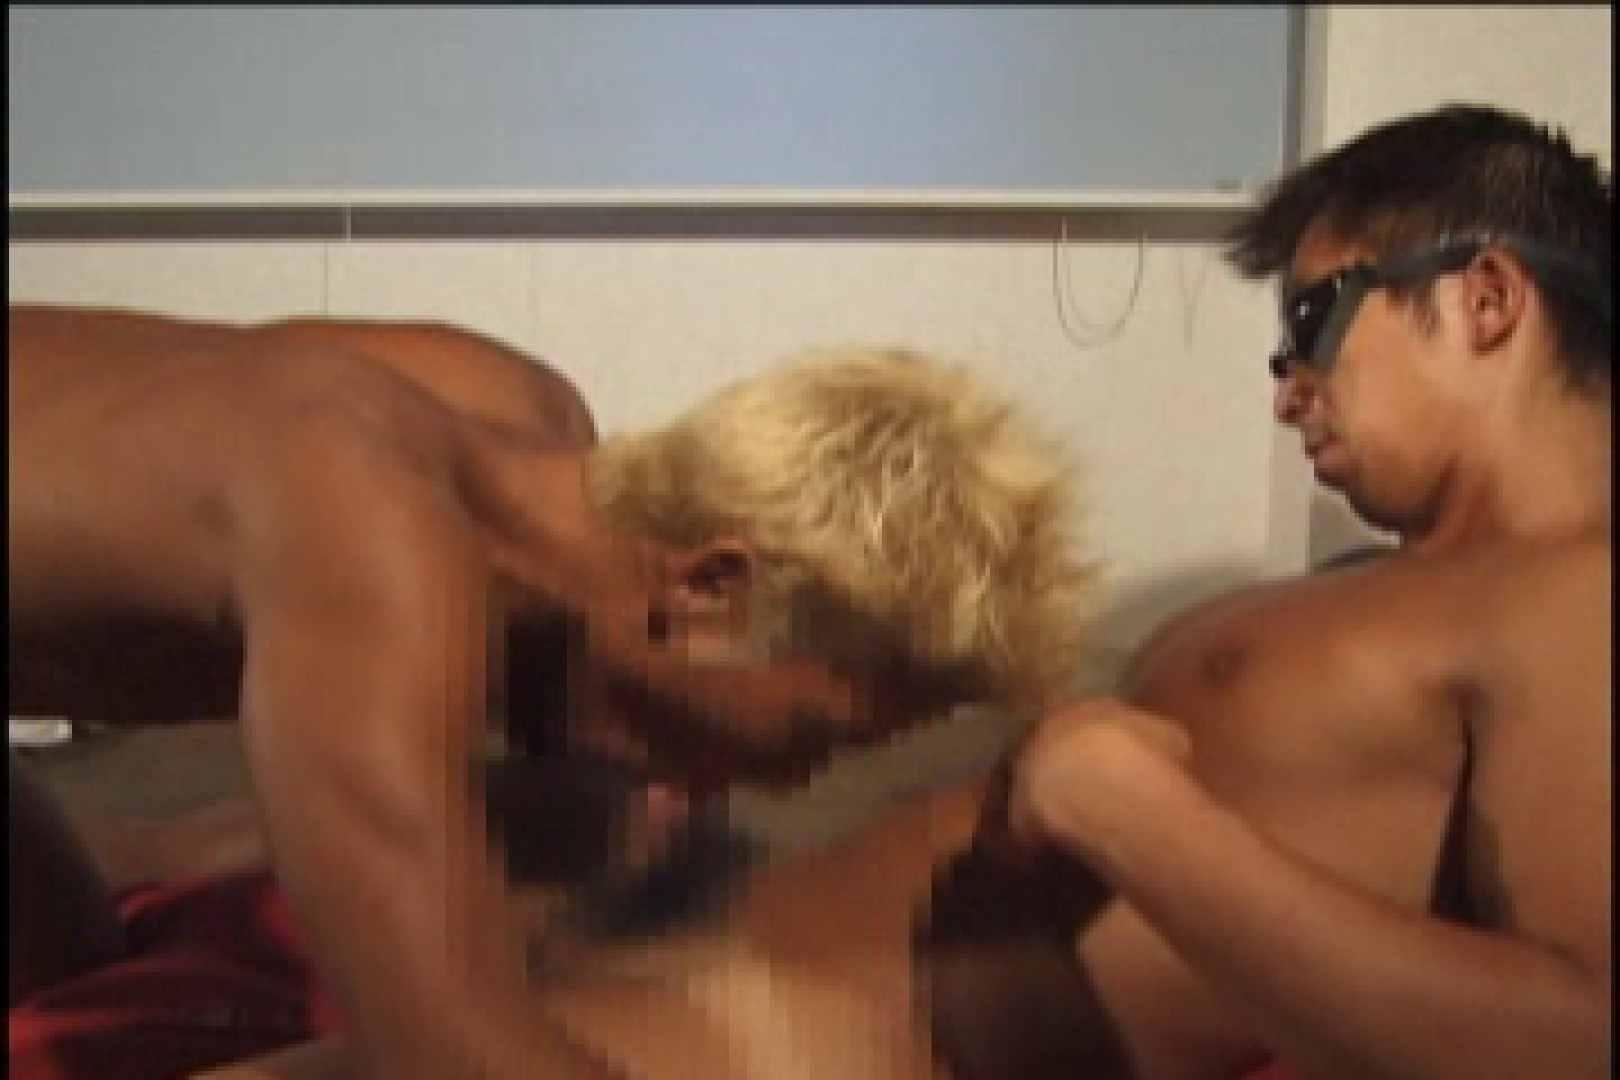 いったれ!ガチNonkeの大冒険!!vol.12 肉   ガチムチマッチョ系  87pic 74